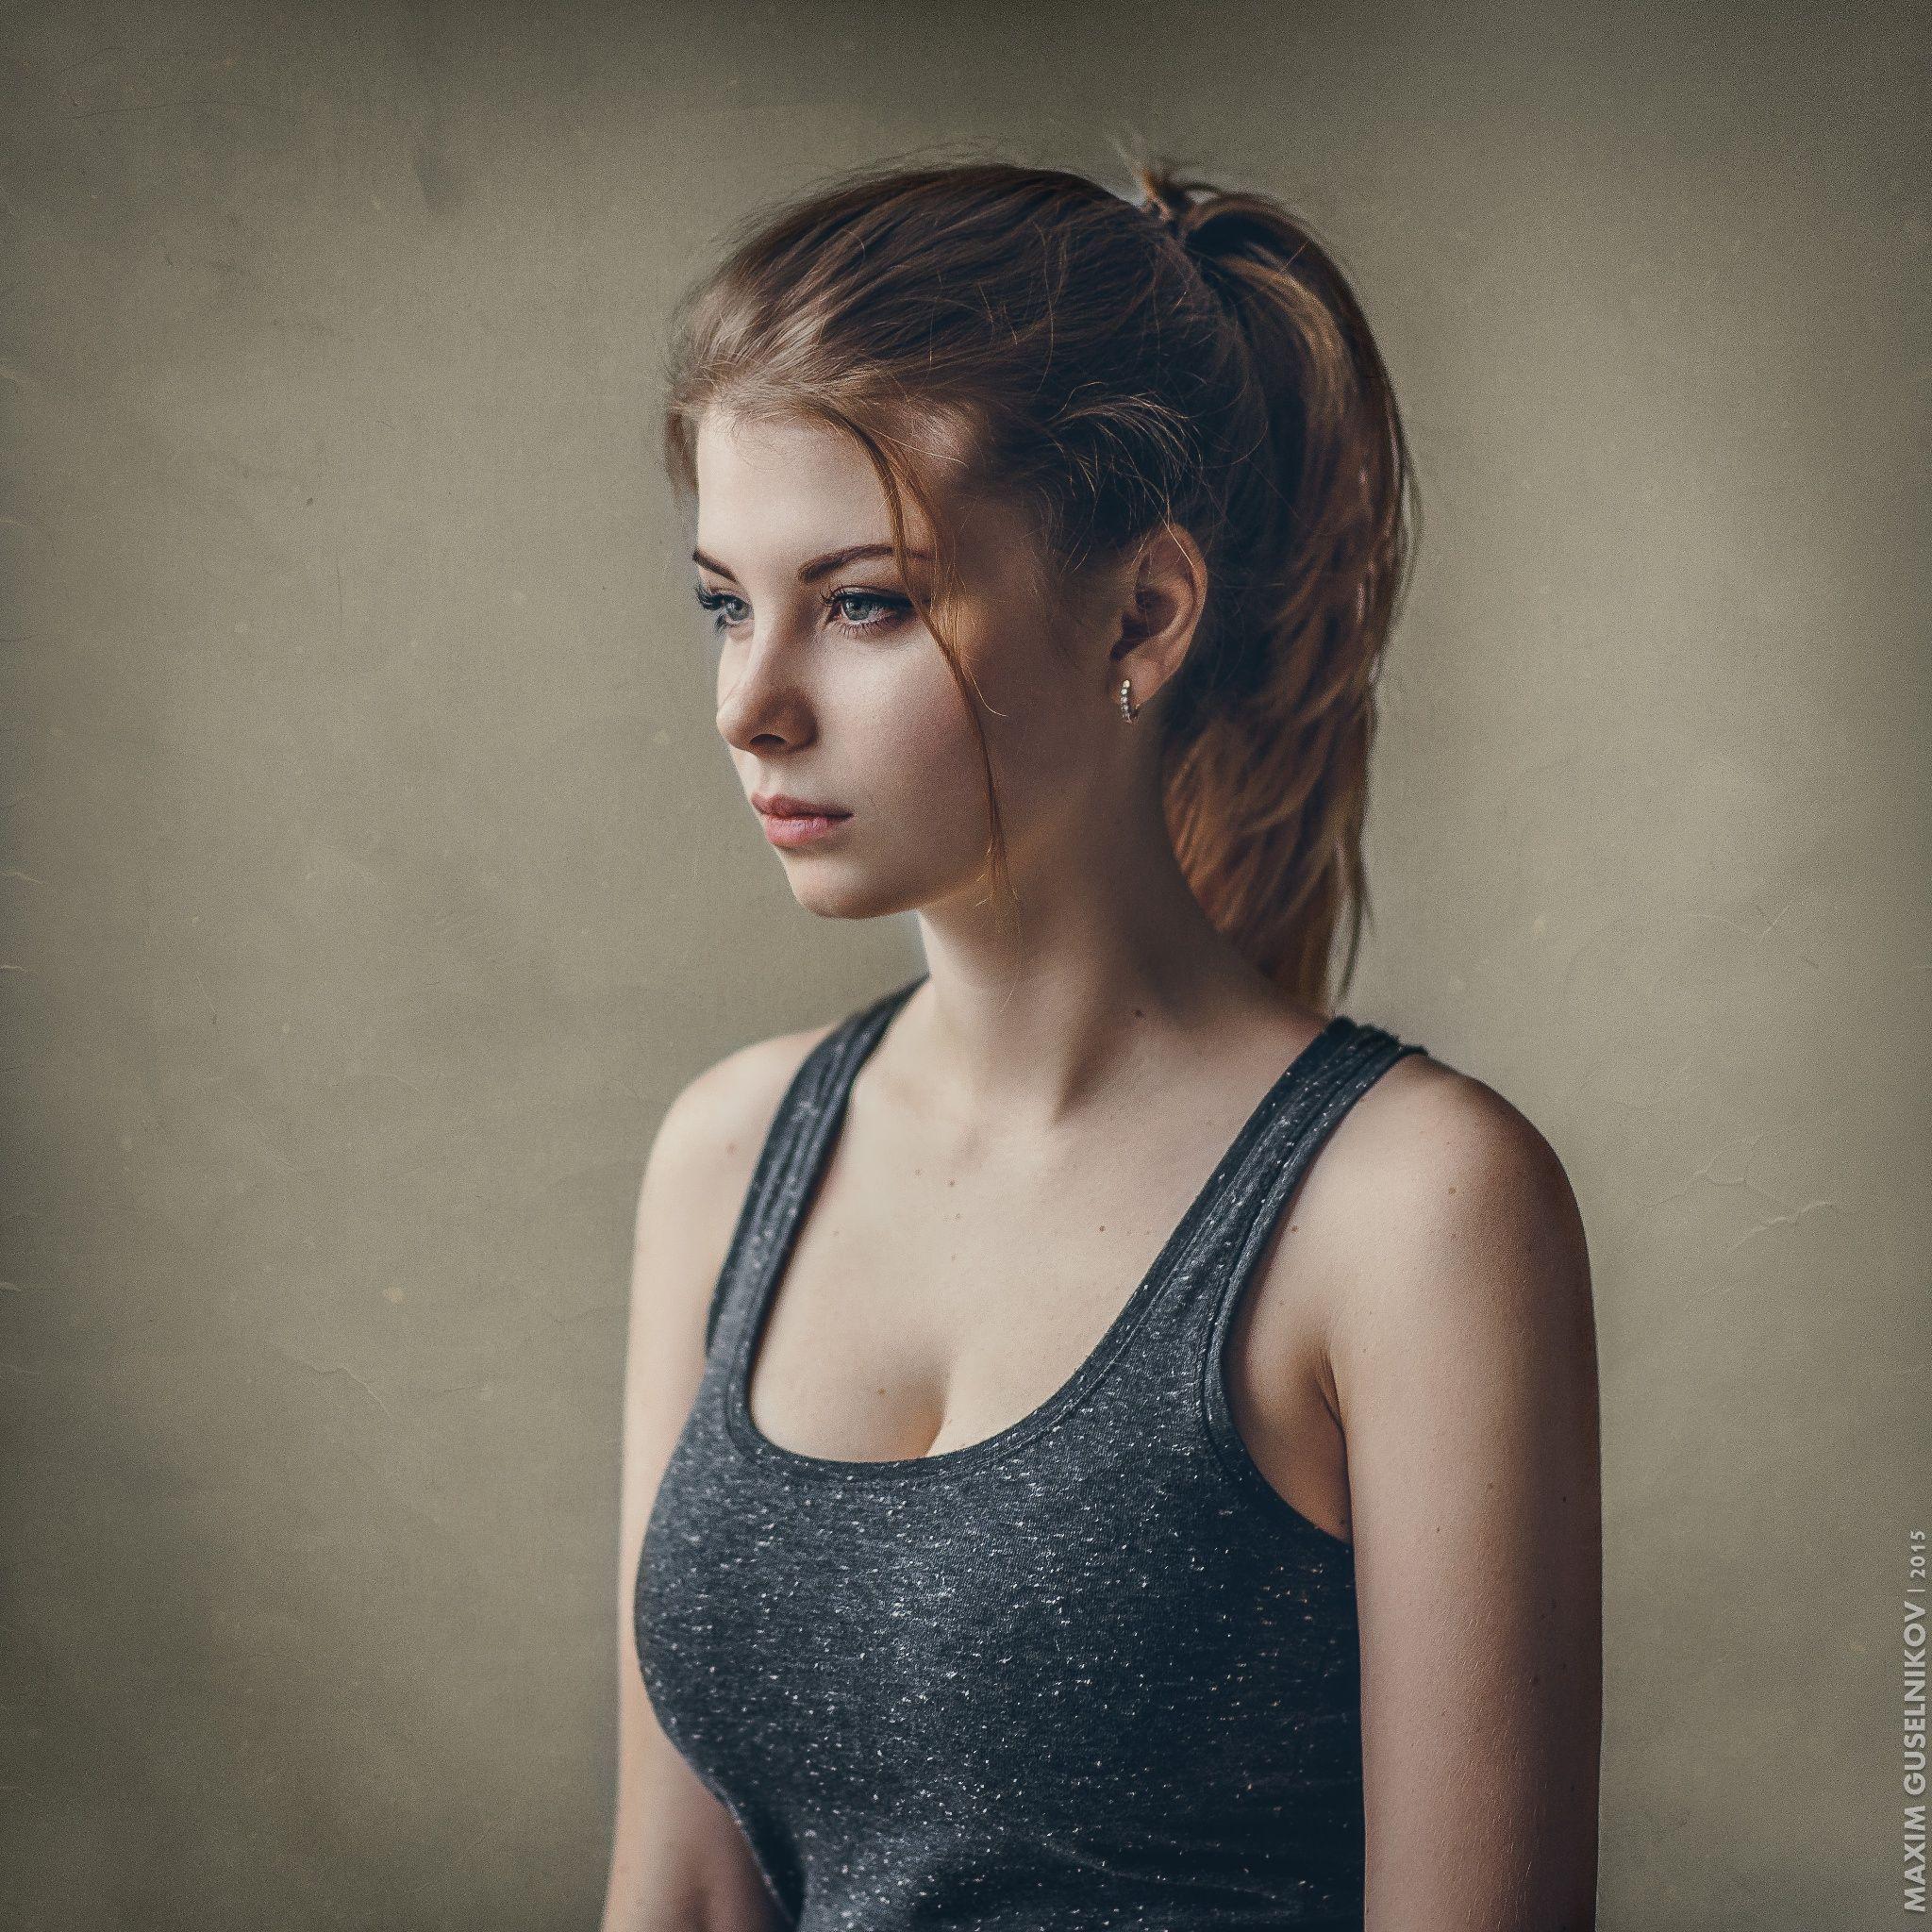 Irina by Maxim Guselnikov on 500px 99.8 | Maxim Guselnikov ...